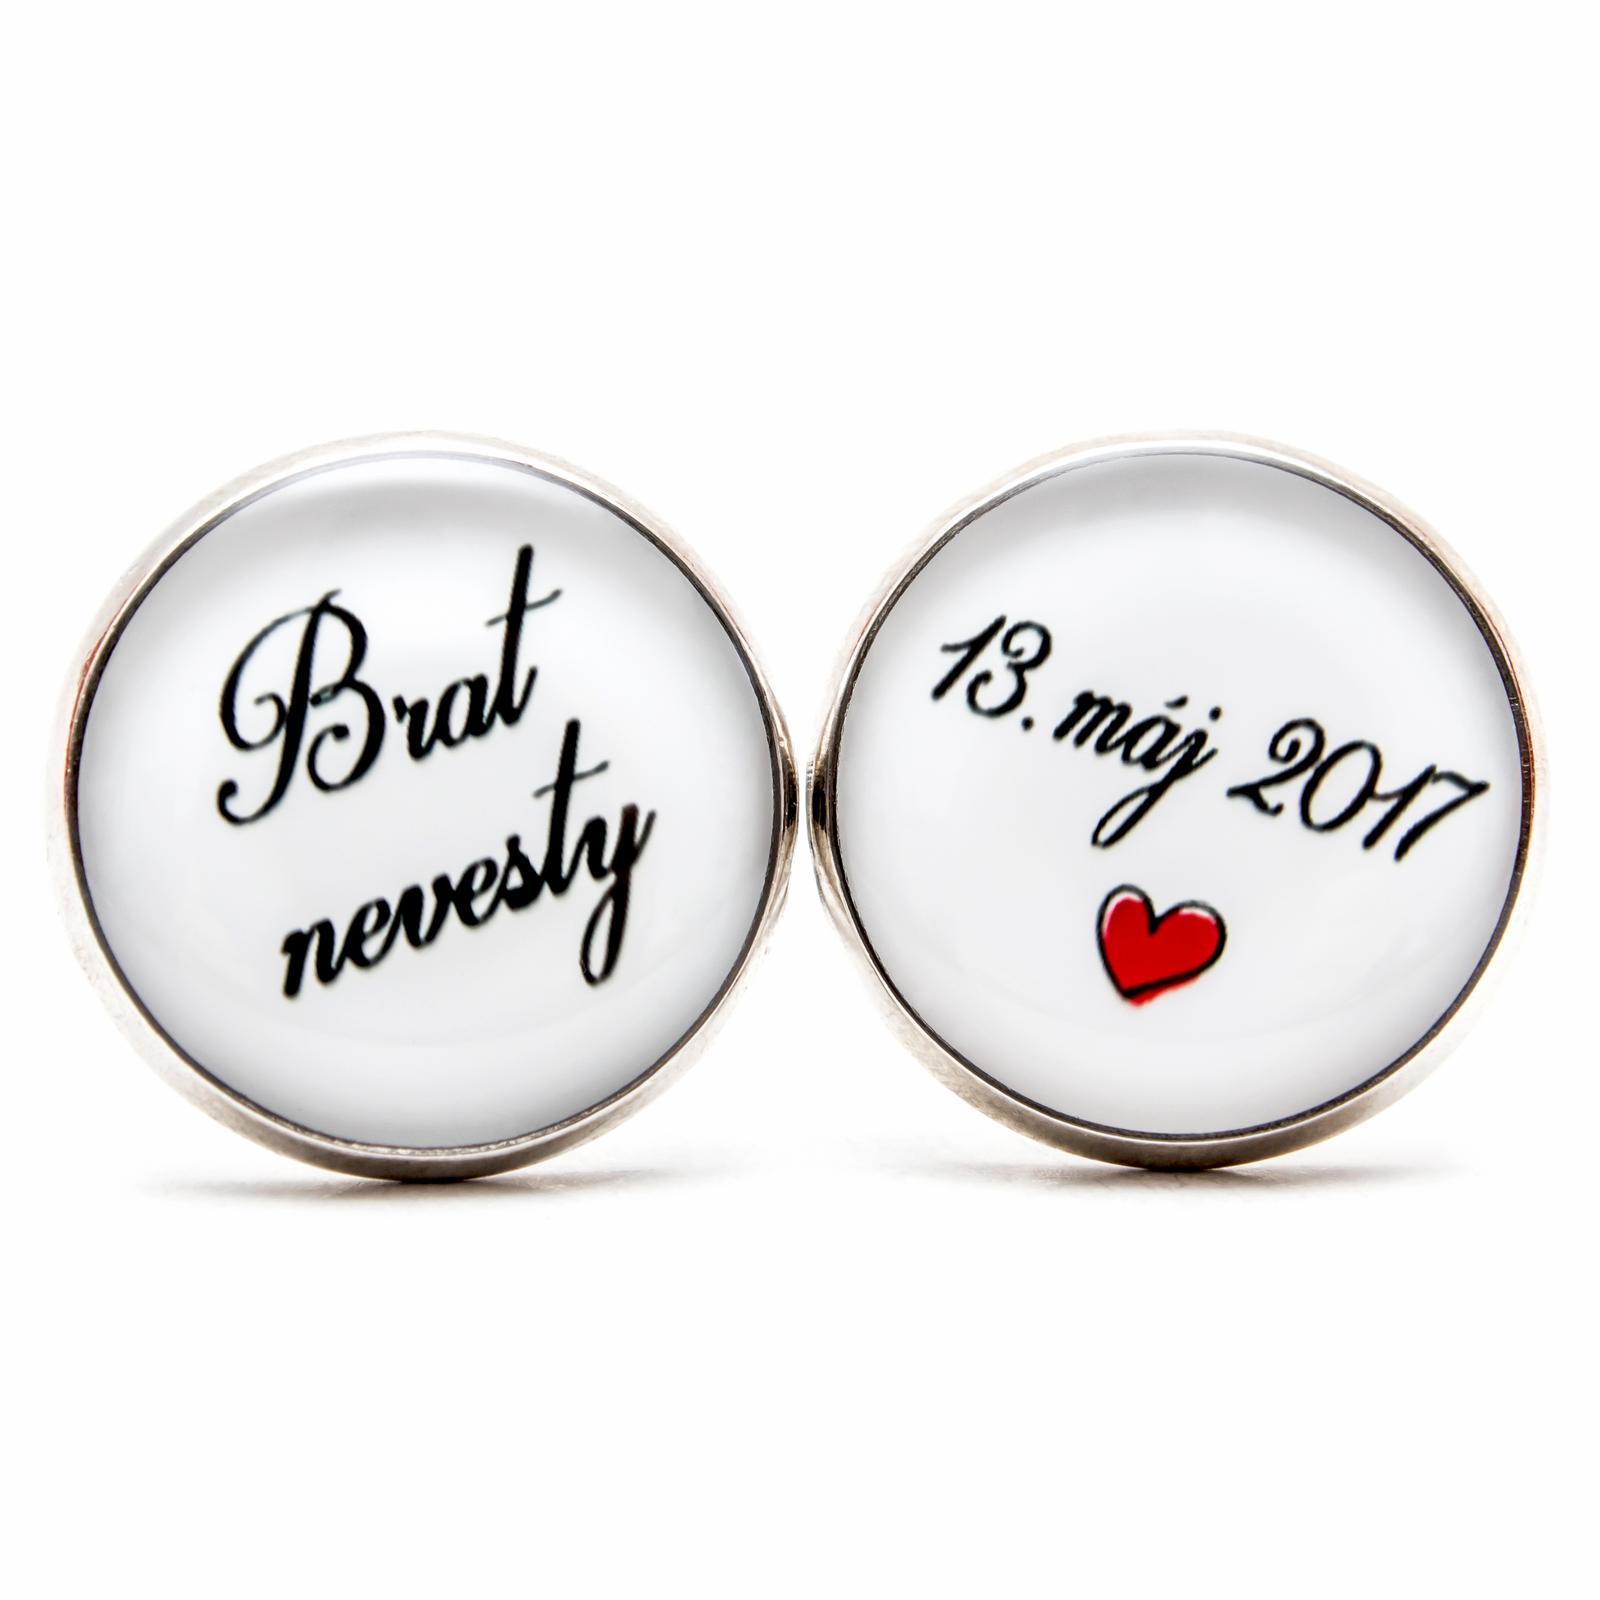 ♥  Manžetové gombíky na mieru - presne podľa Tvojich predstáv ♥ - Brat nevesty s dátumom a ♥